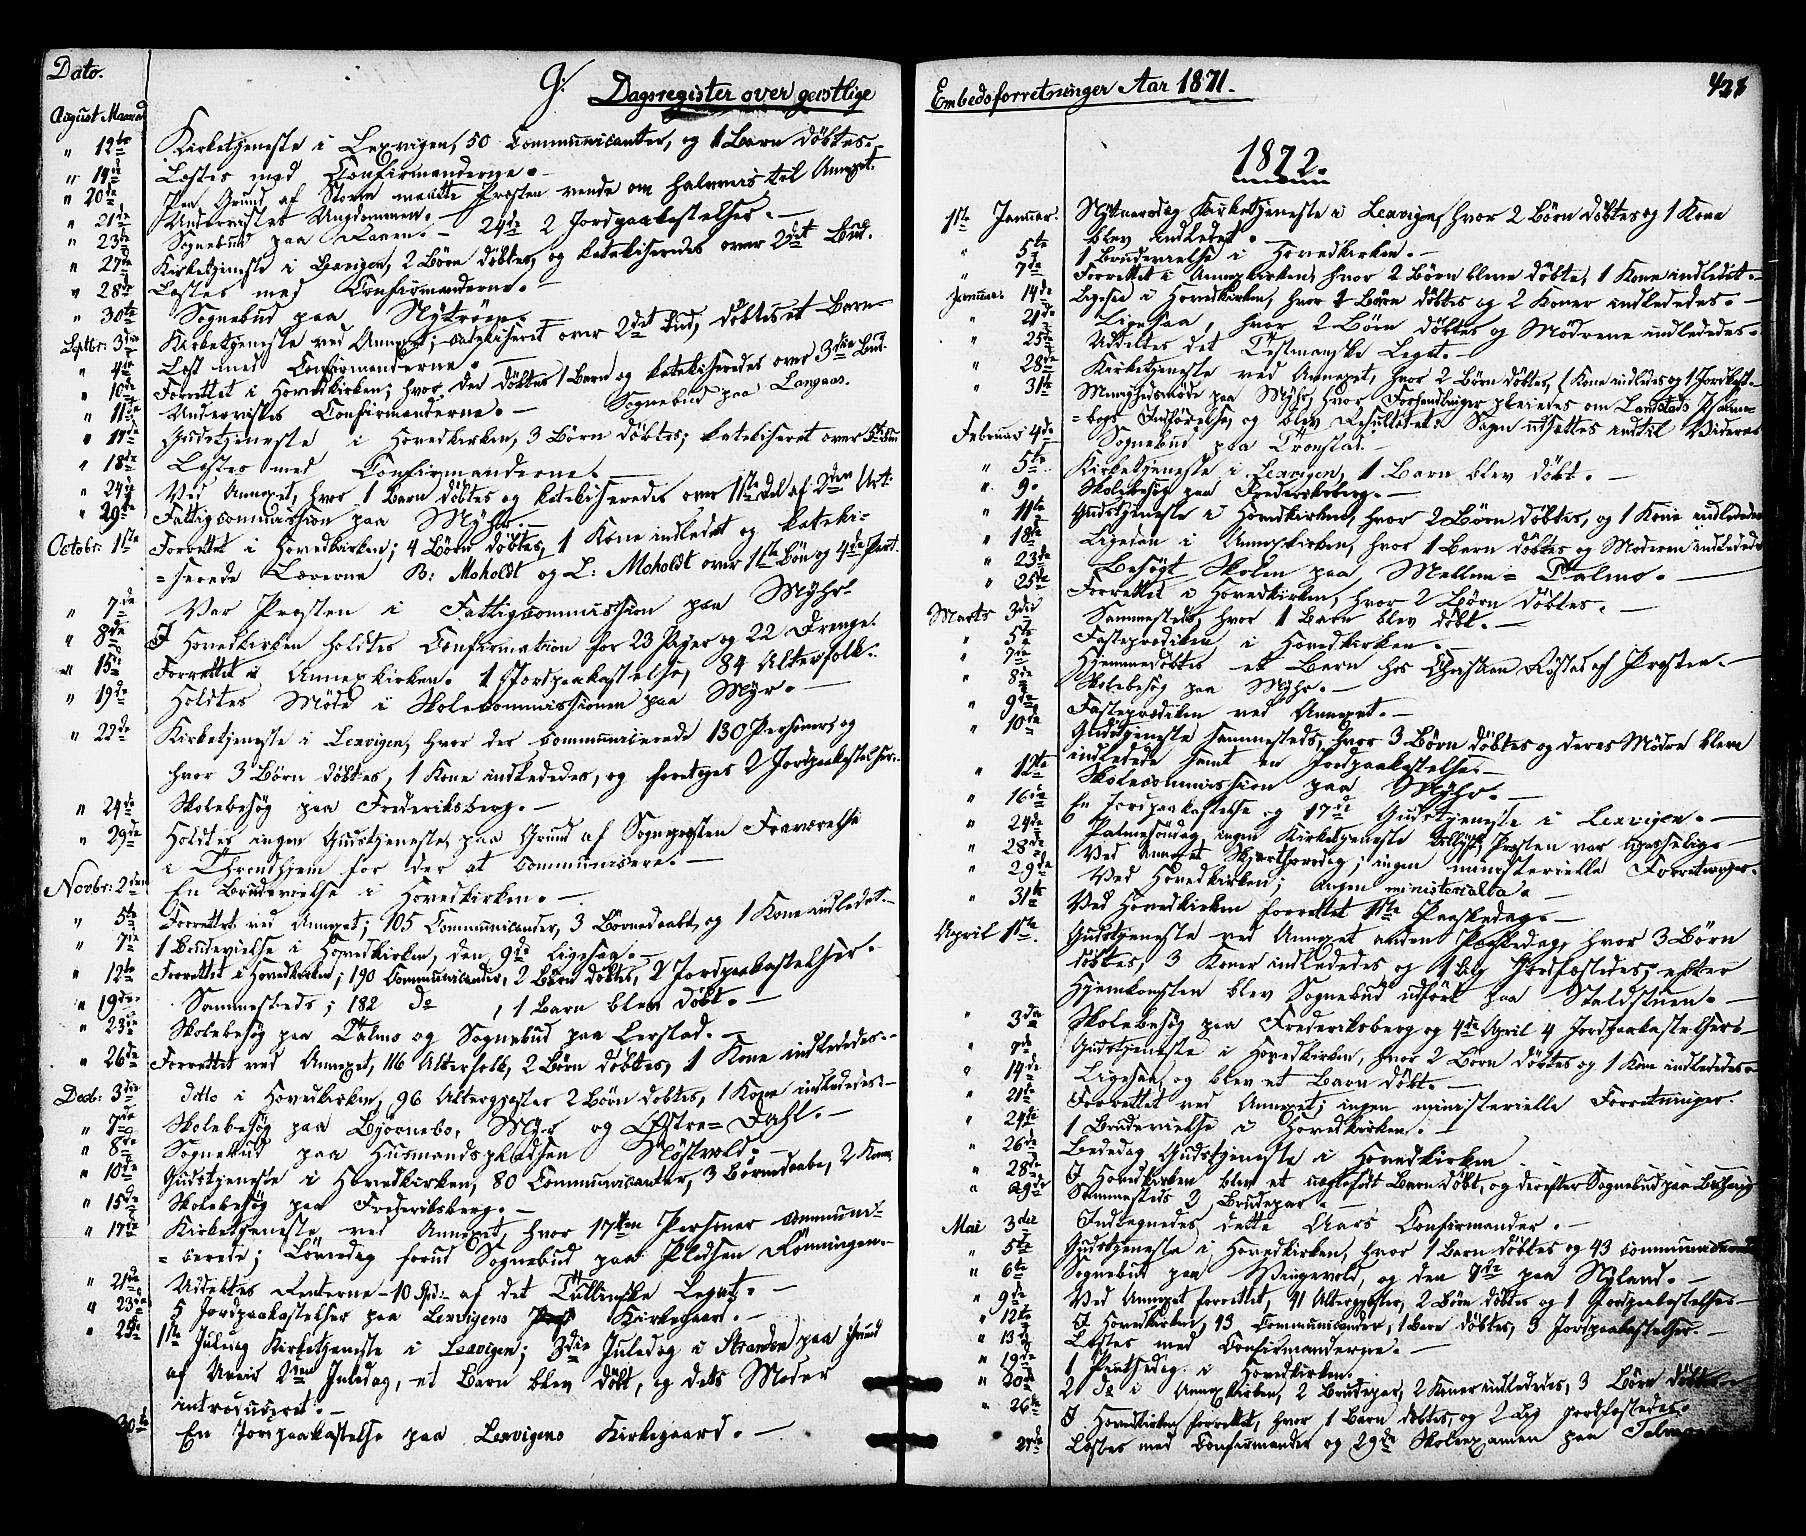 SAT, Ministerialprotokoller, klokkerbøker og fødselsregistre - Nord-Trøndelag, 701/L0009: Ministerialbok nr. 701A09 /1, 1864-1882, s. 428